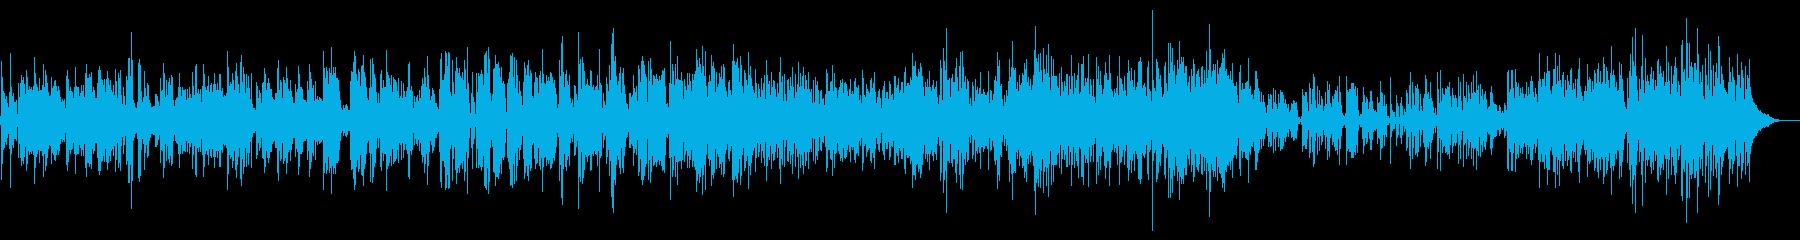 ジャズ。の再生済みの波形